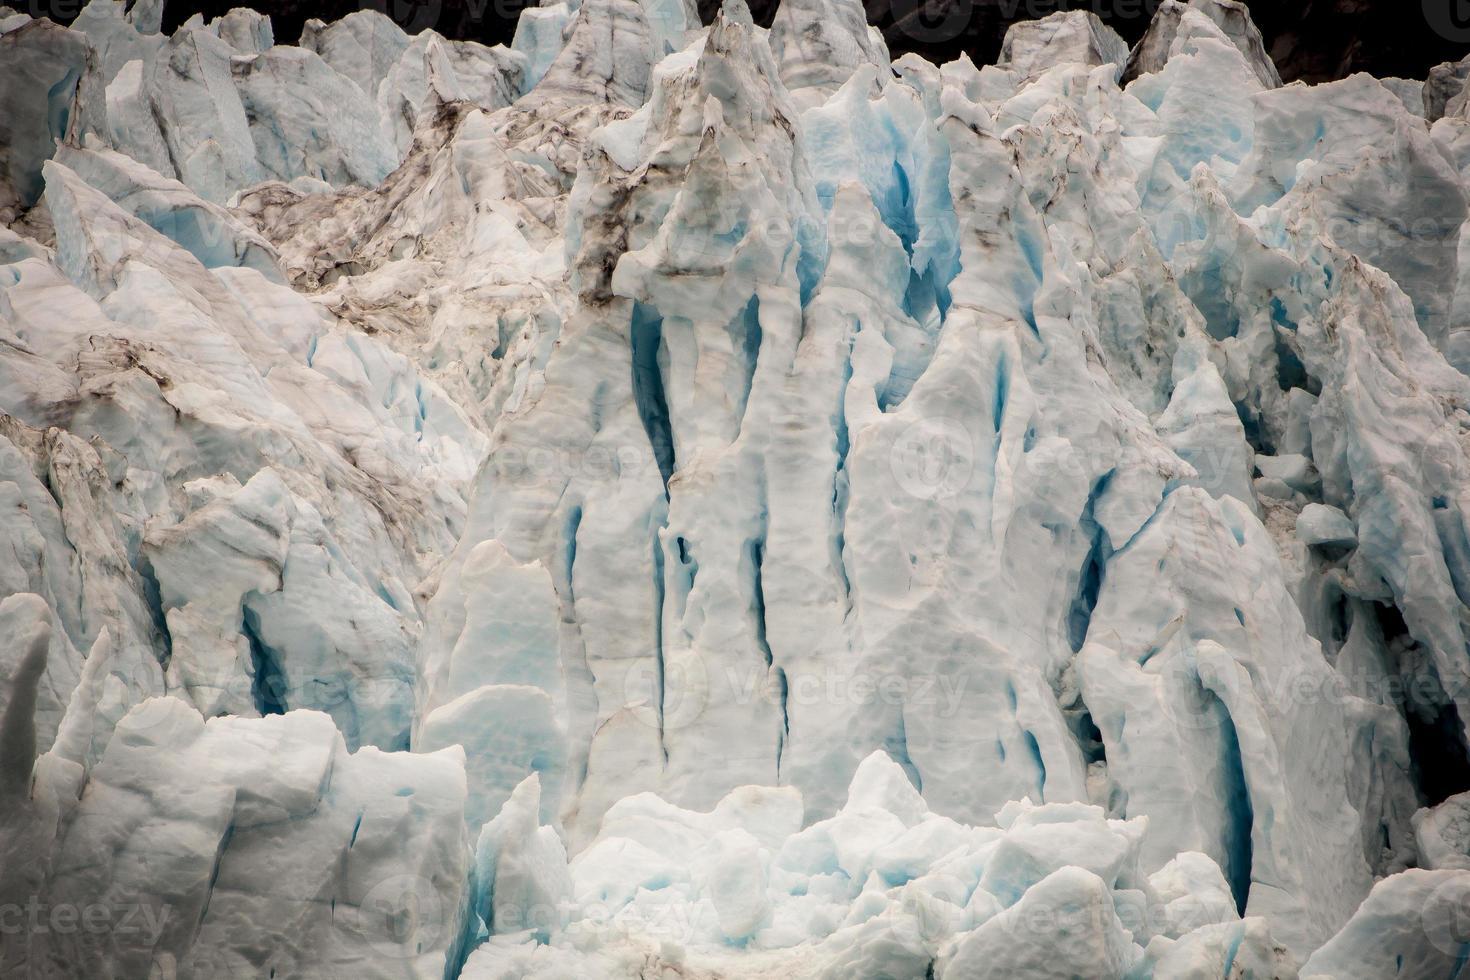 Glacier Close Up photo